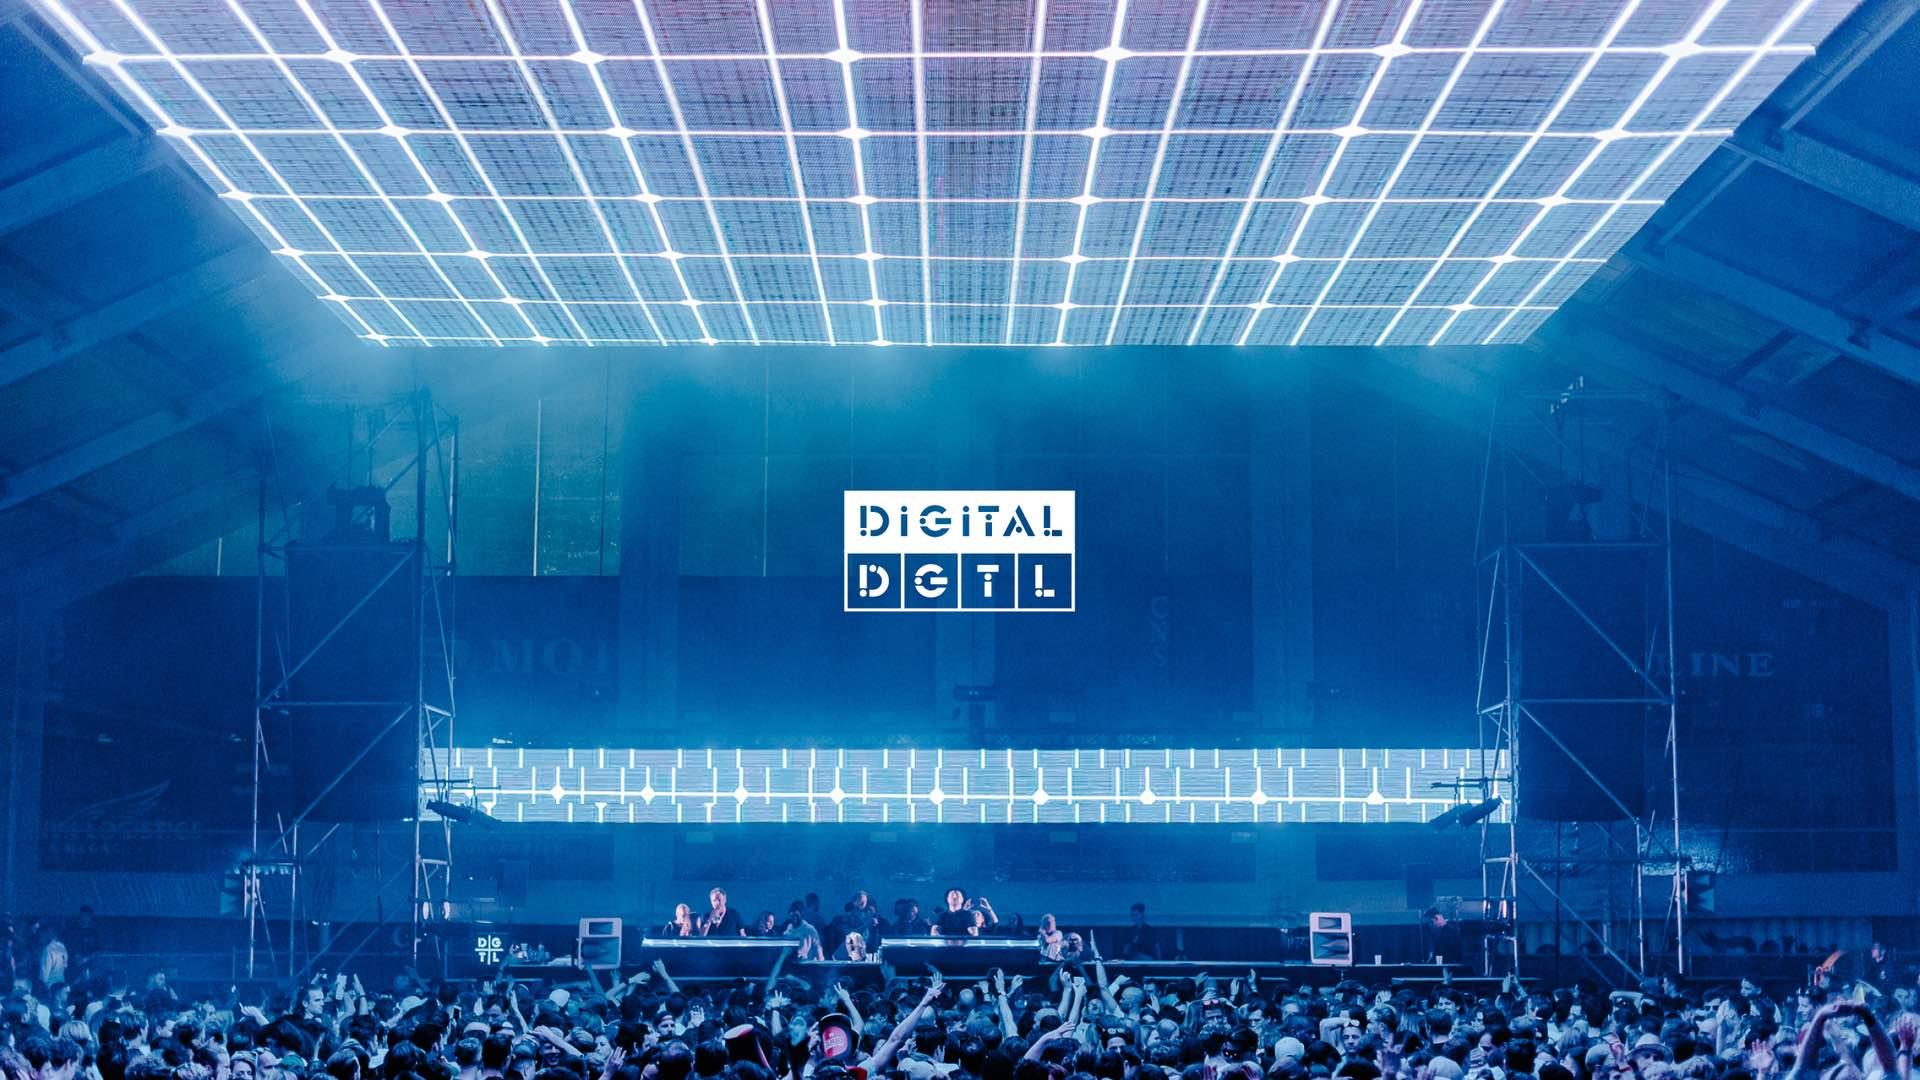 digital dgtl online festival streamen